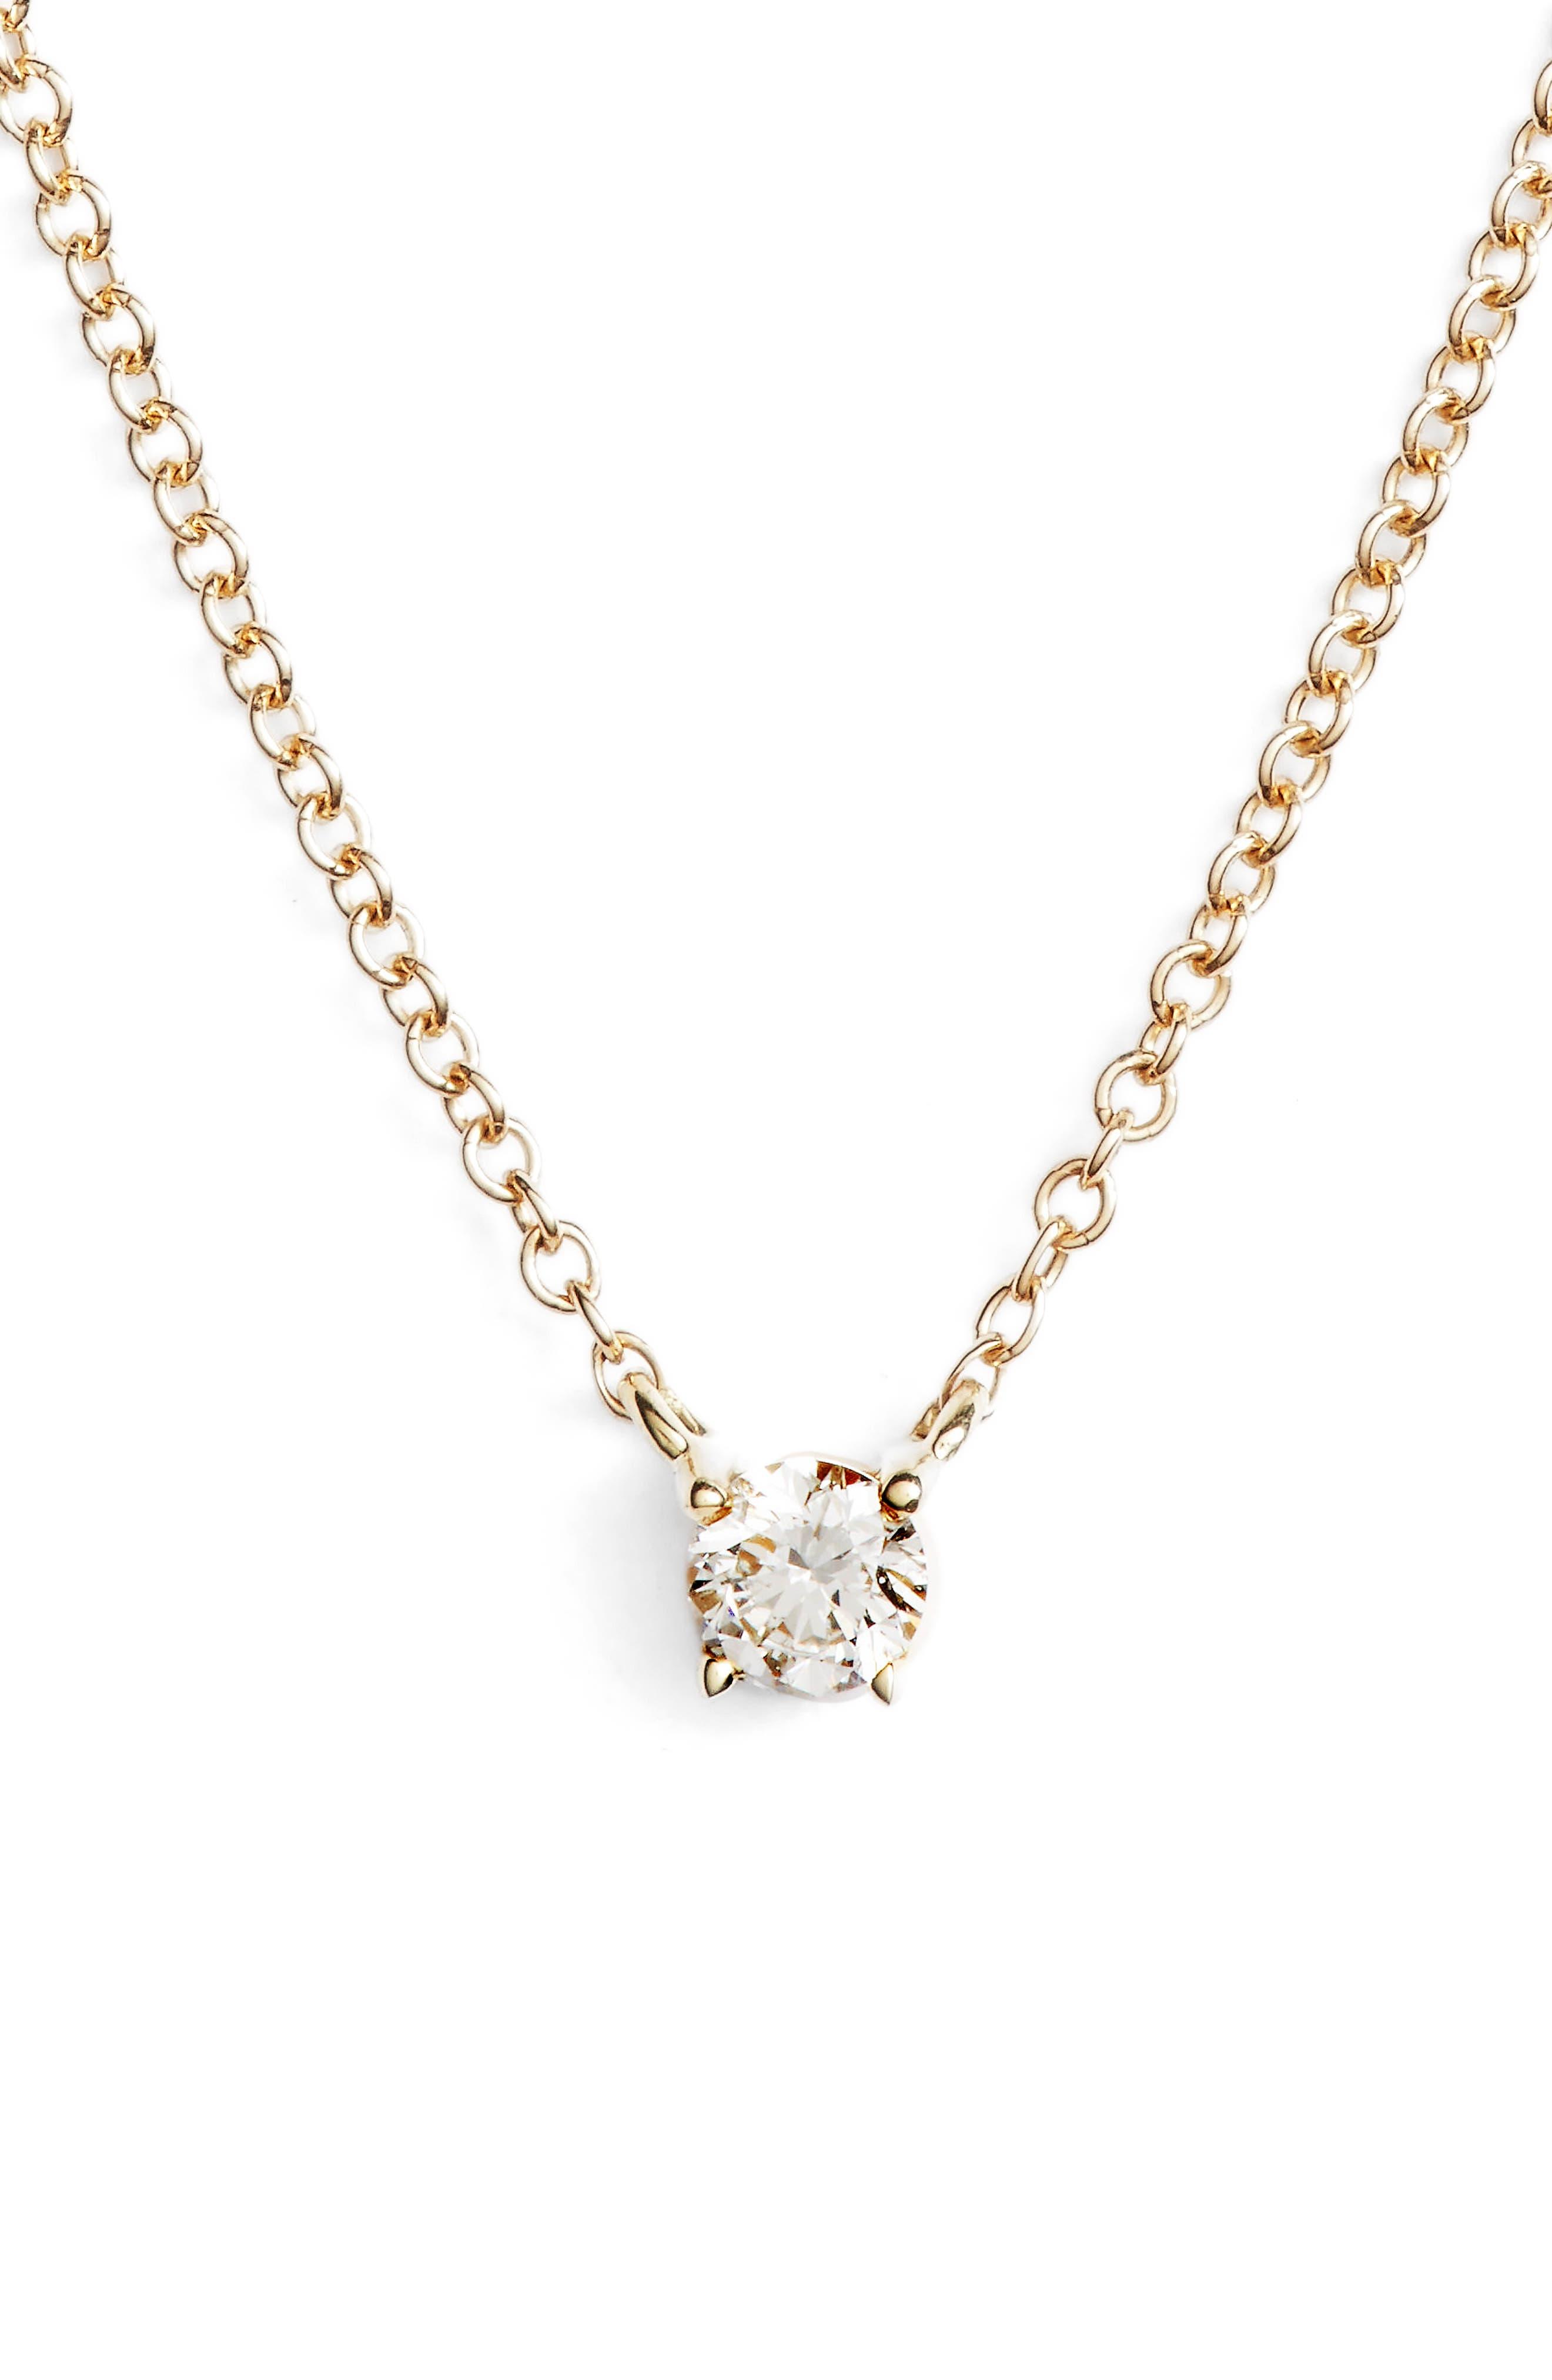 Petite Liora Diamond Solitaire Pendant Necklace,                         Main,                         color, YELLOW GOLD